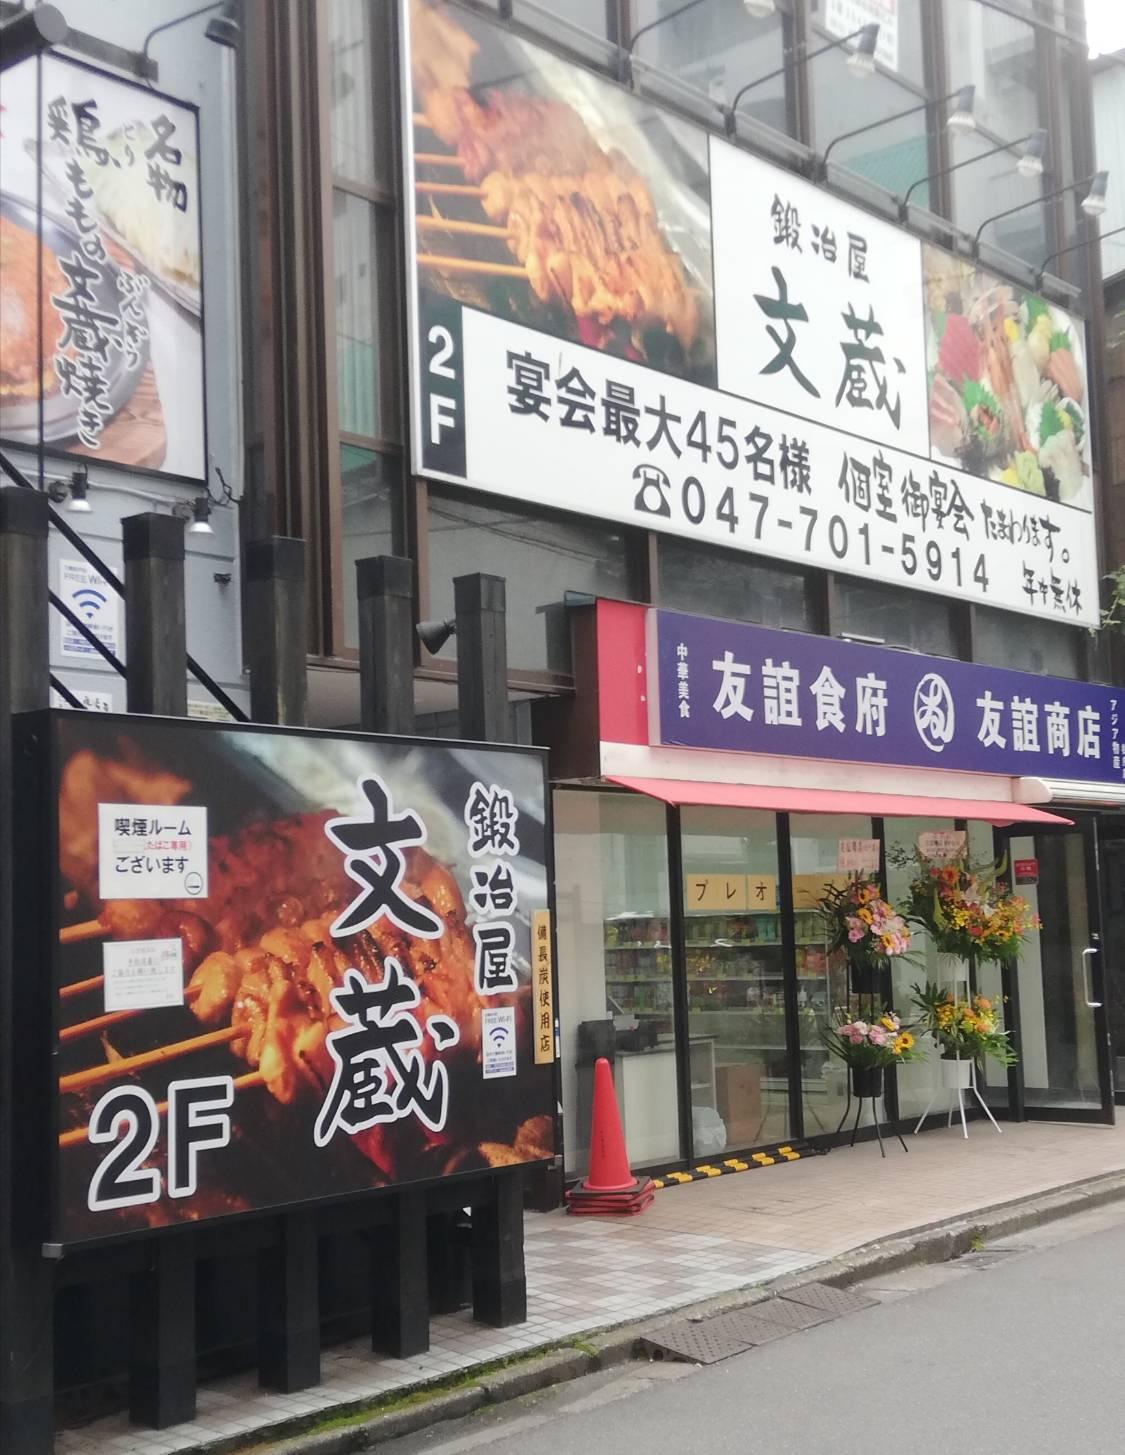 友誼食府 友誼商店アジア物産 松戸店